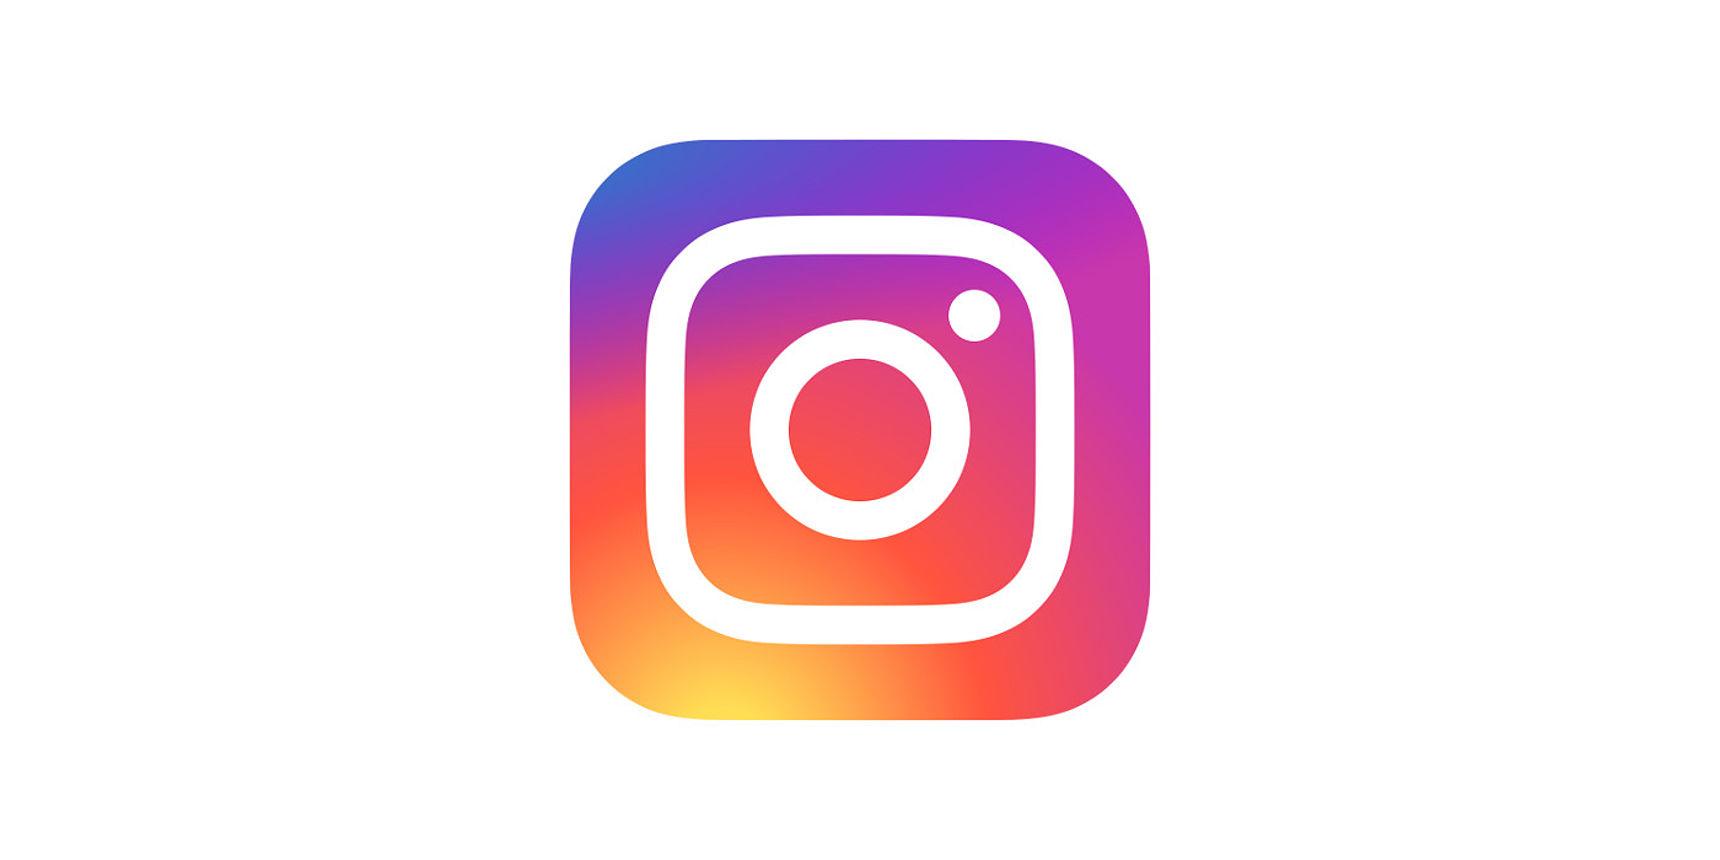 [Translate to English:] Deutschland Tour Instagram